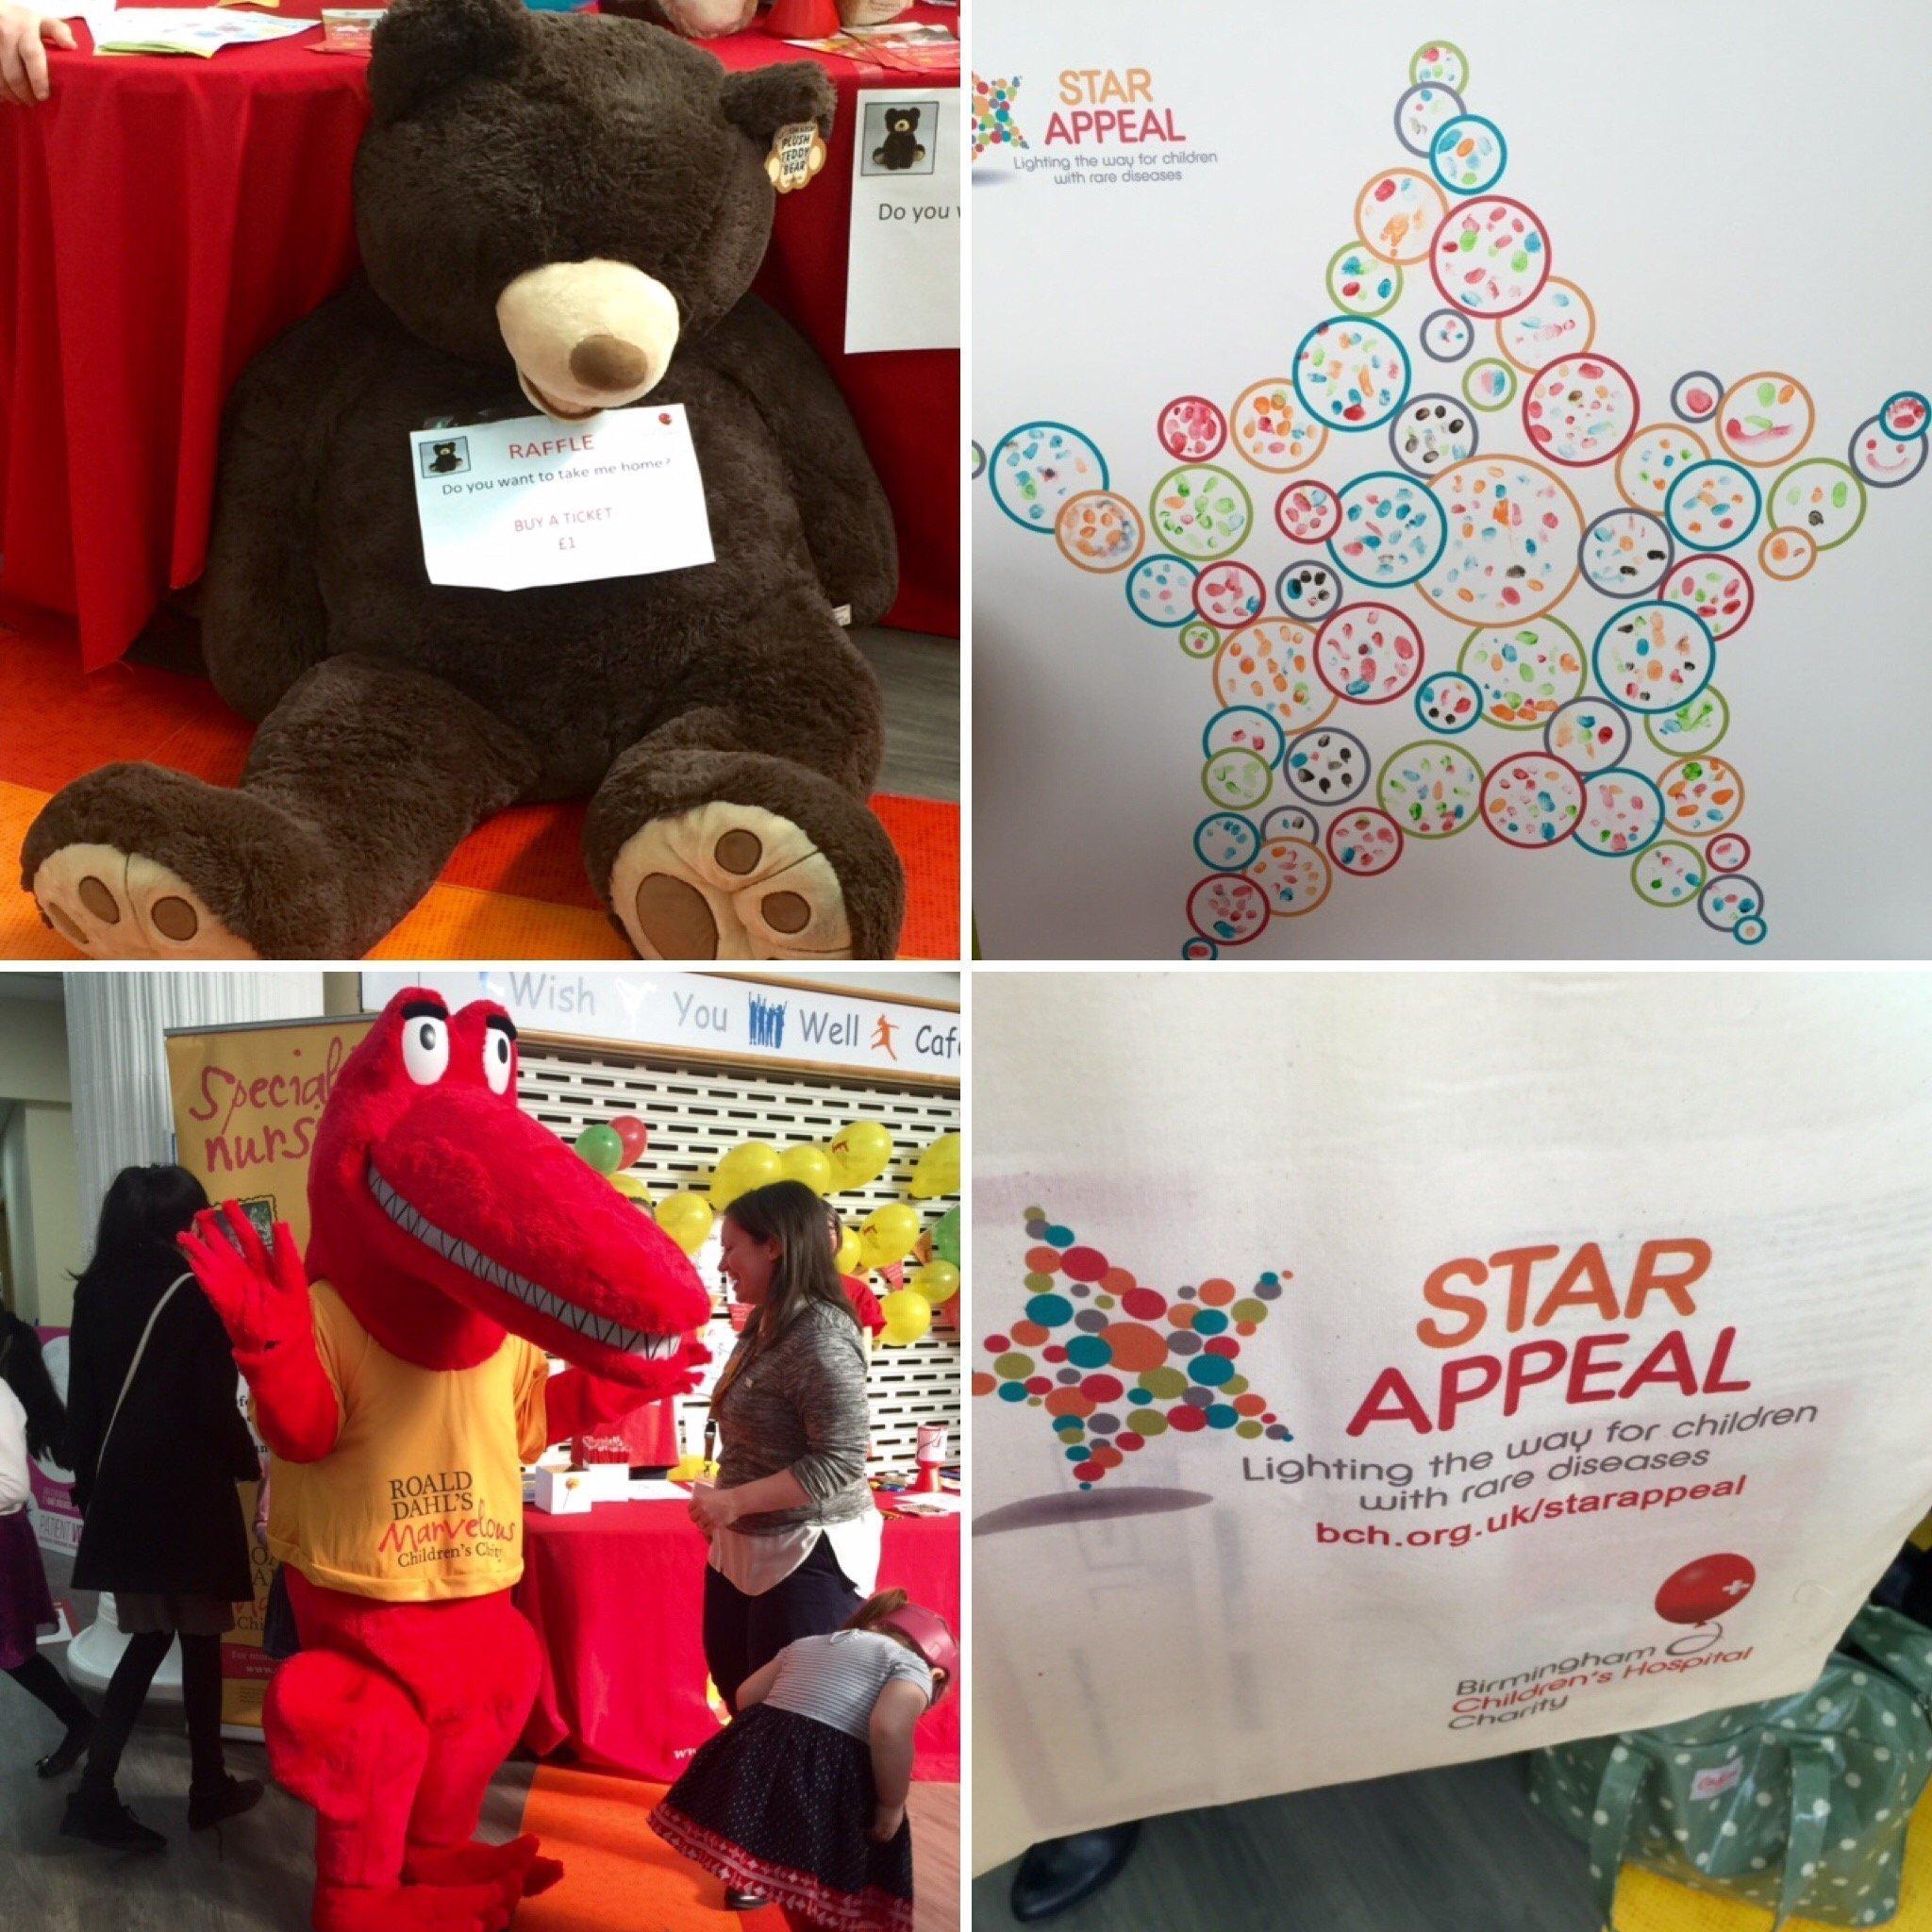 Star Appeal & Roald Dalh's Marvellous Children's Charity